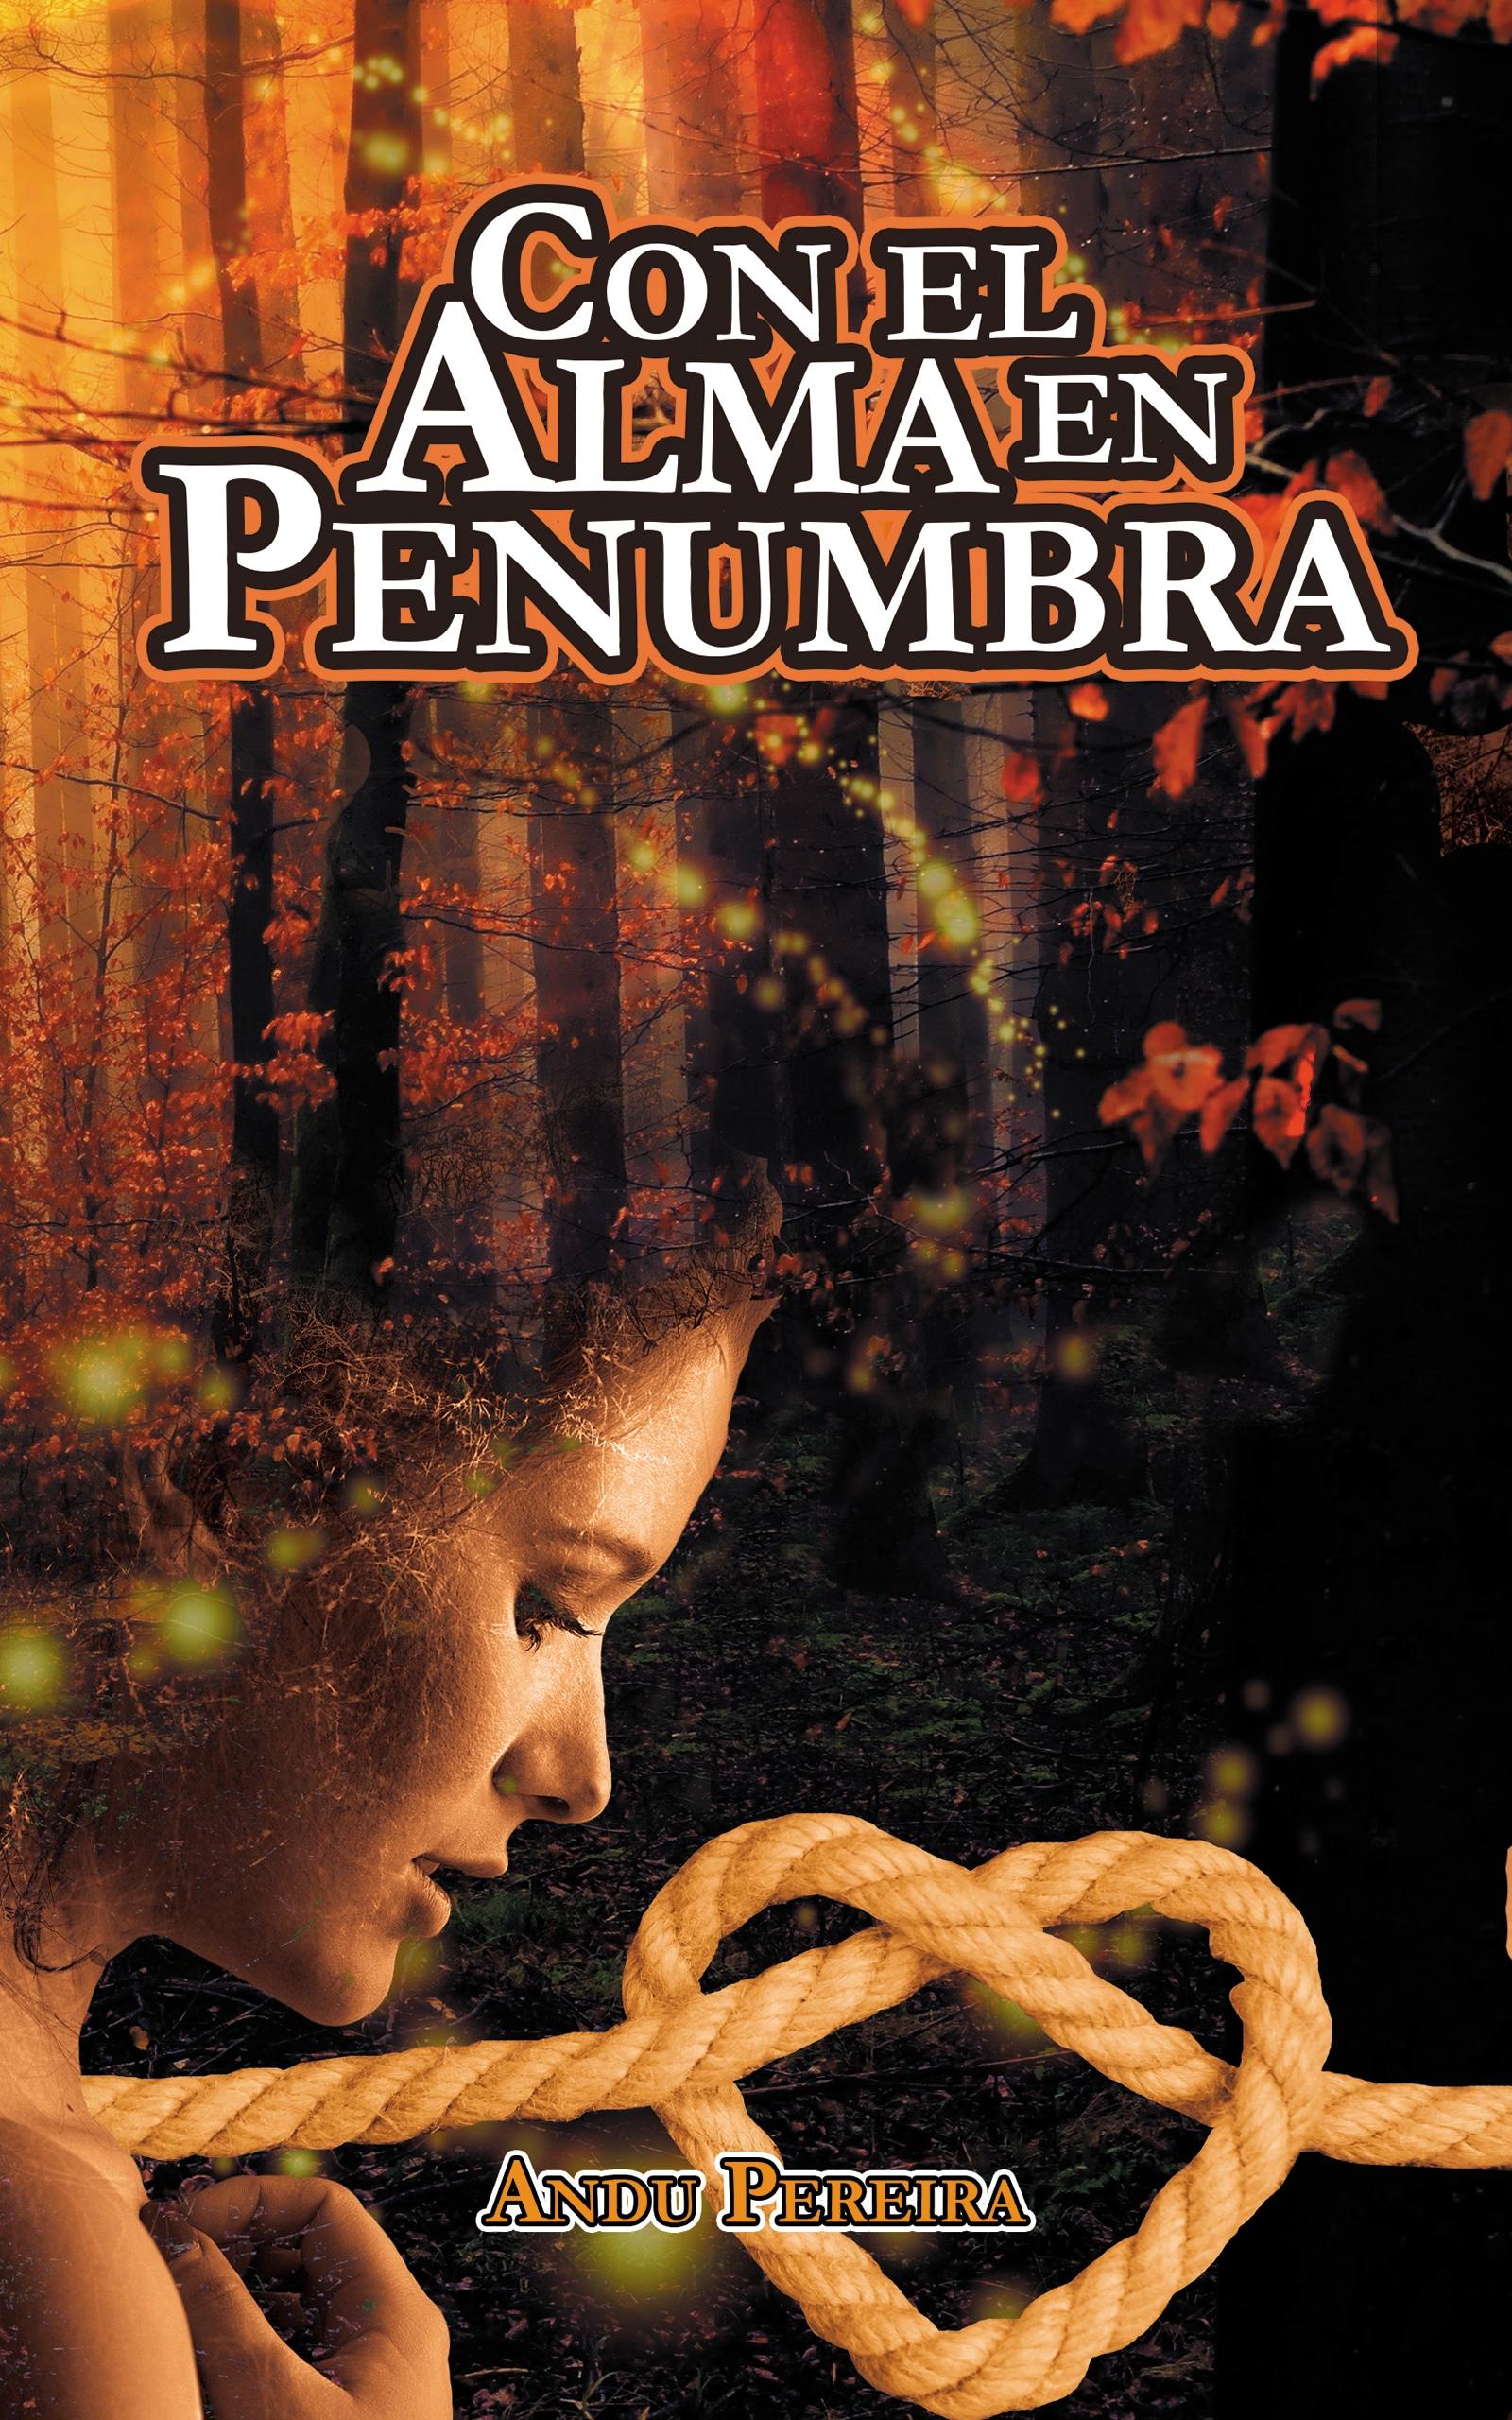 Con el Alma en Penumbra ANDU PEREIRA